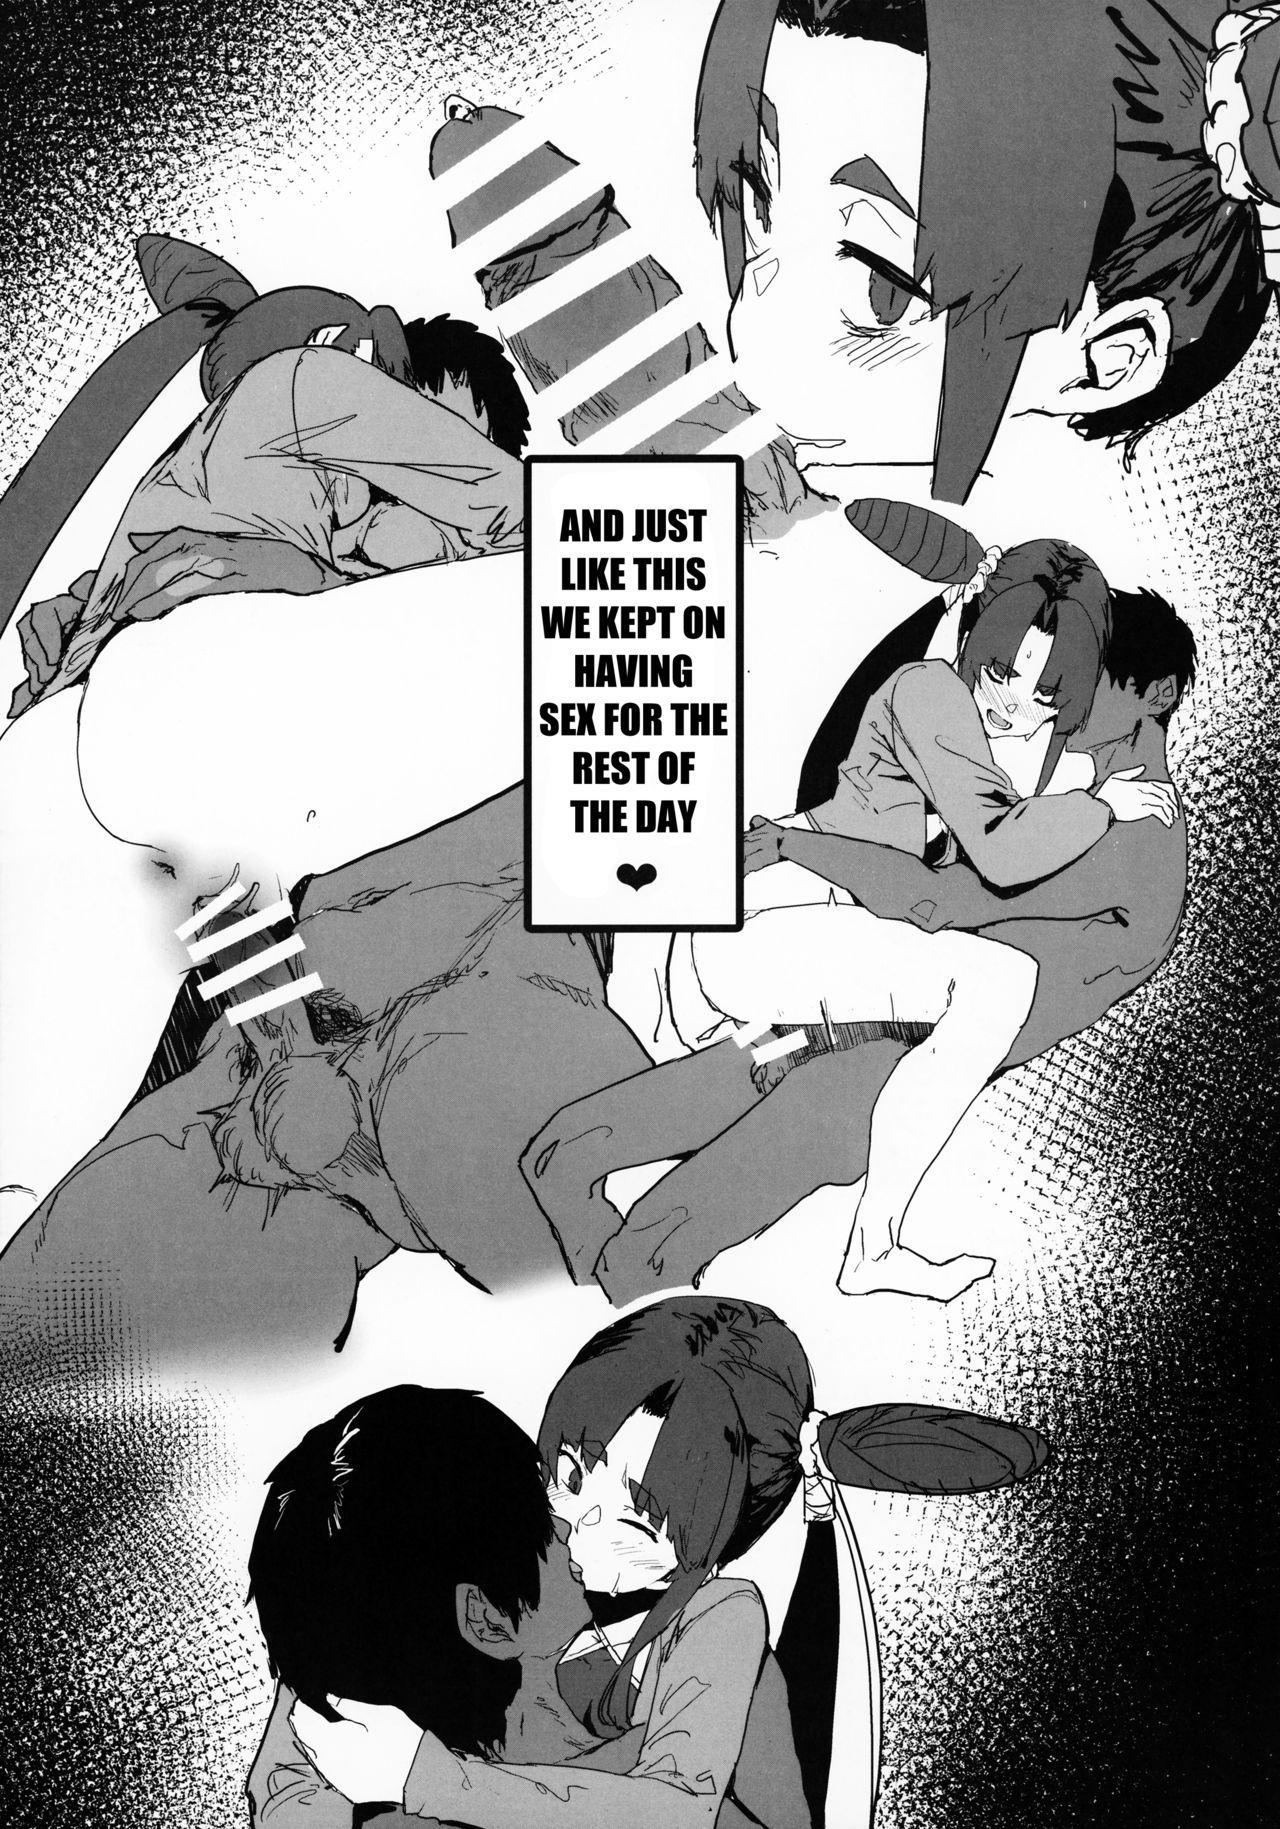 Arujidono ni Ichizu na Ushiwakamaru o Hentai AV ni Shutsuen Saseru Netorase Bon   That Book Where Master Forces His Beloved Ushiwakamaru to Star in a Netorase Adult Video 15